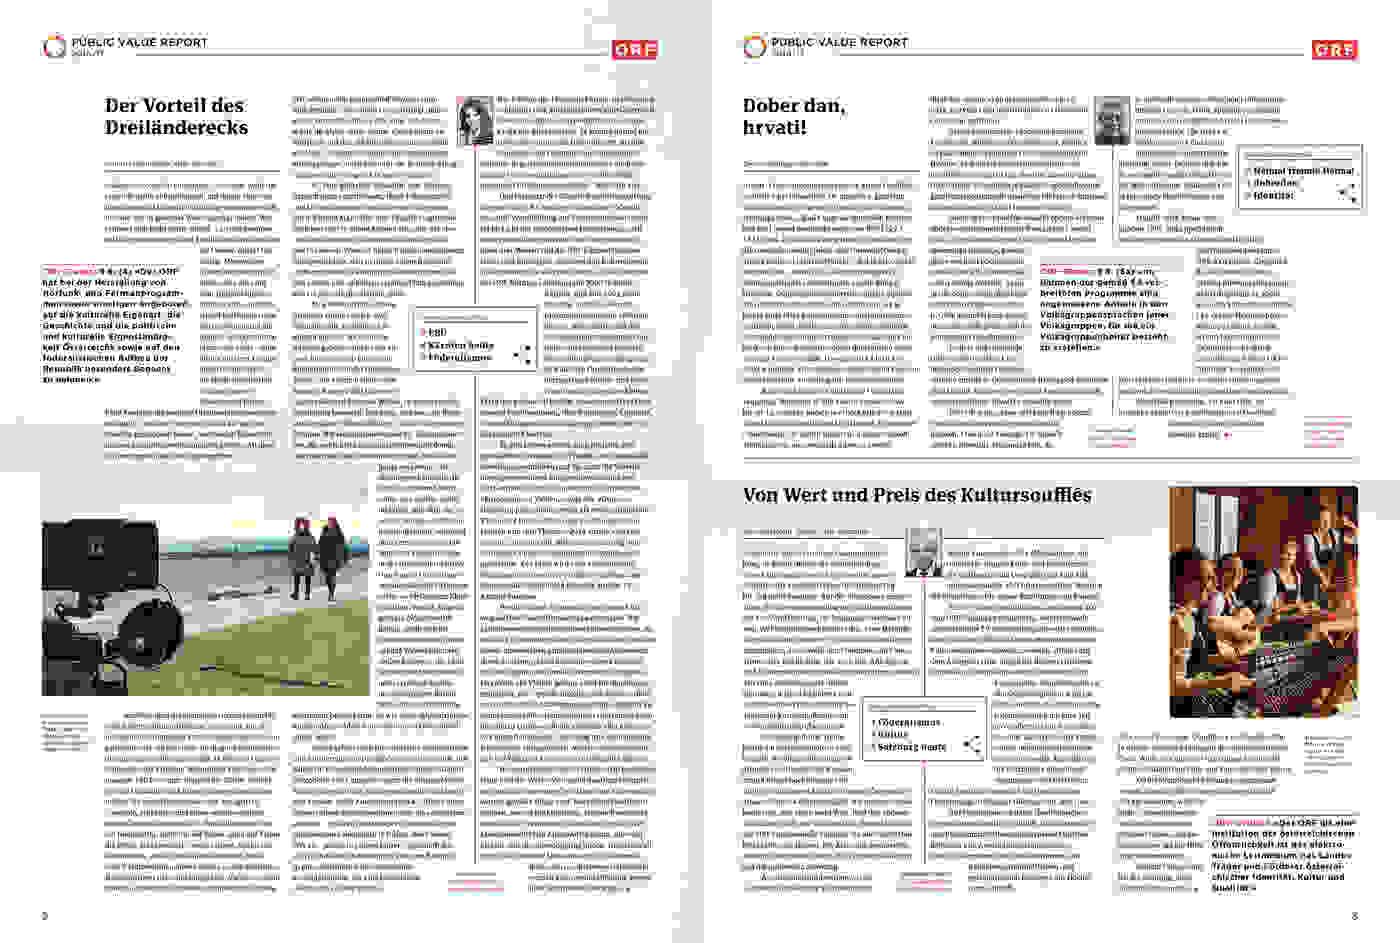 ORF PV 16 17 flat Dummy Zeitung Doppelseite 6